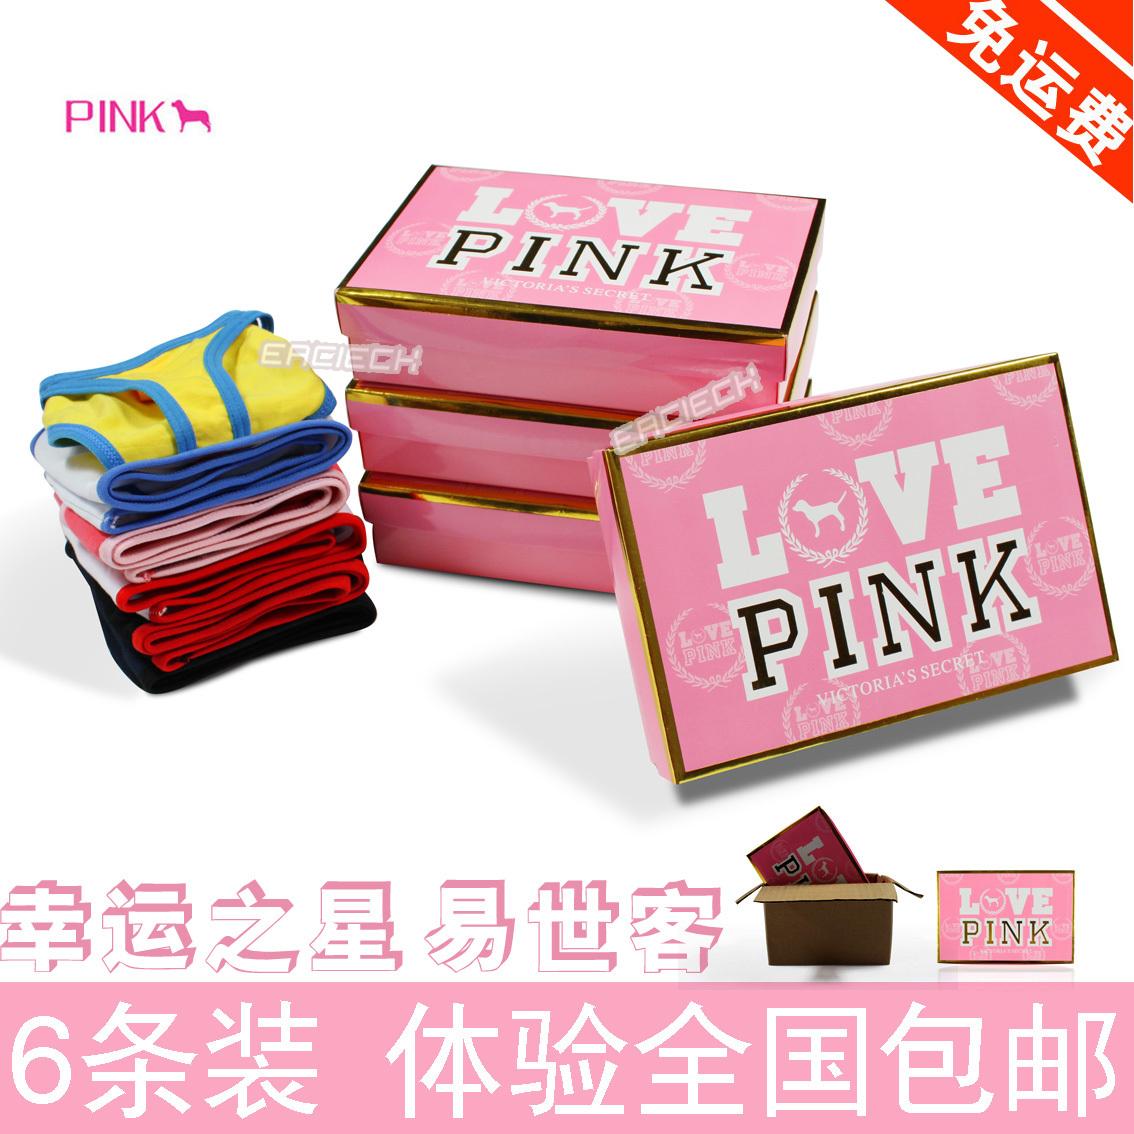 Трусы Victoria's Secret Pink Жен. Хлопок Боксеры Лайкра С надписями